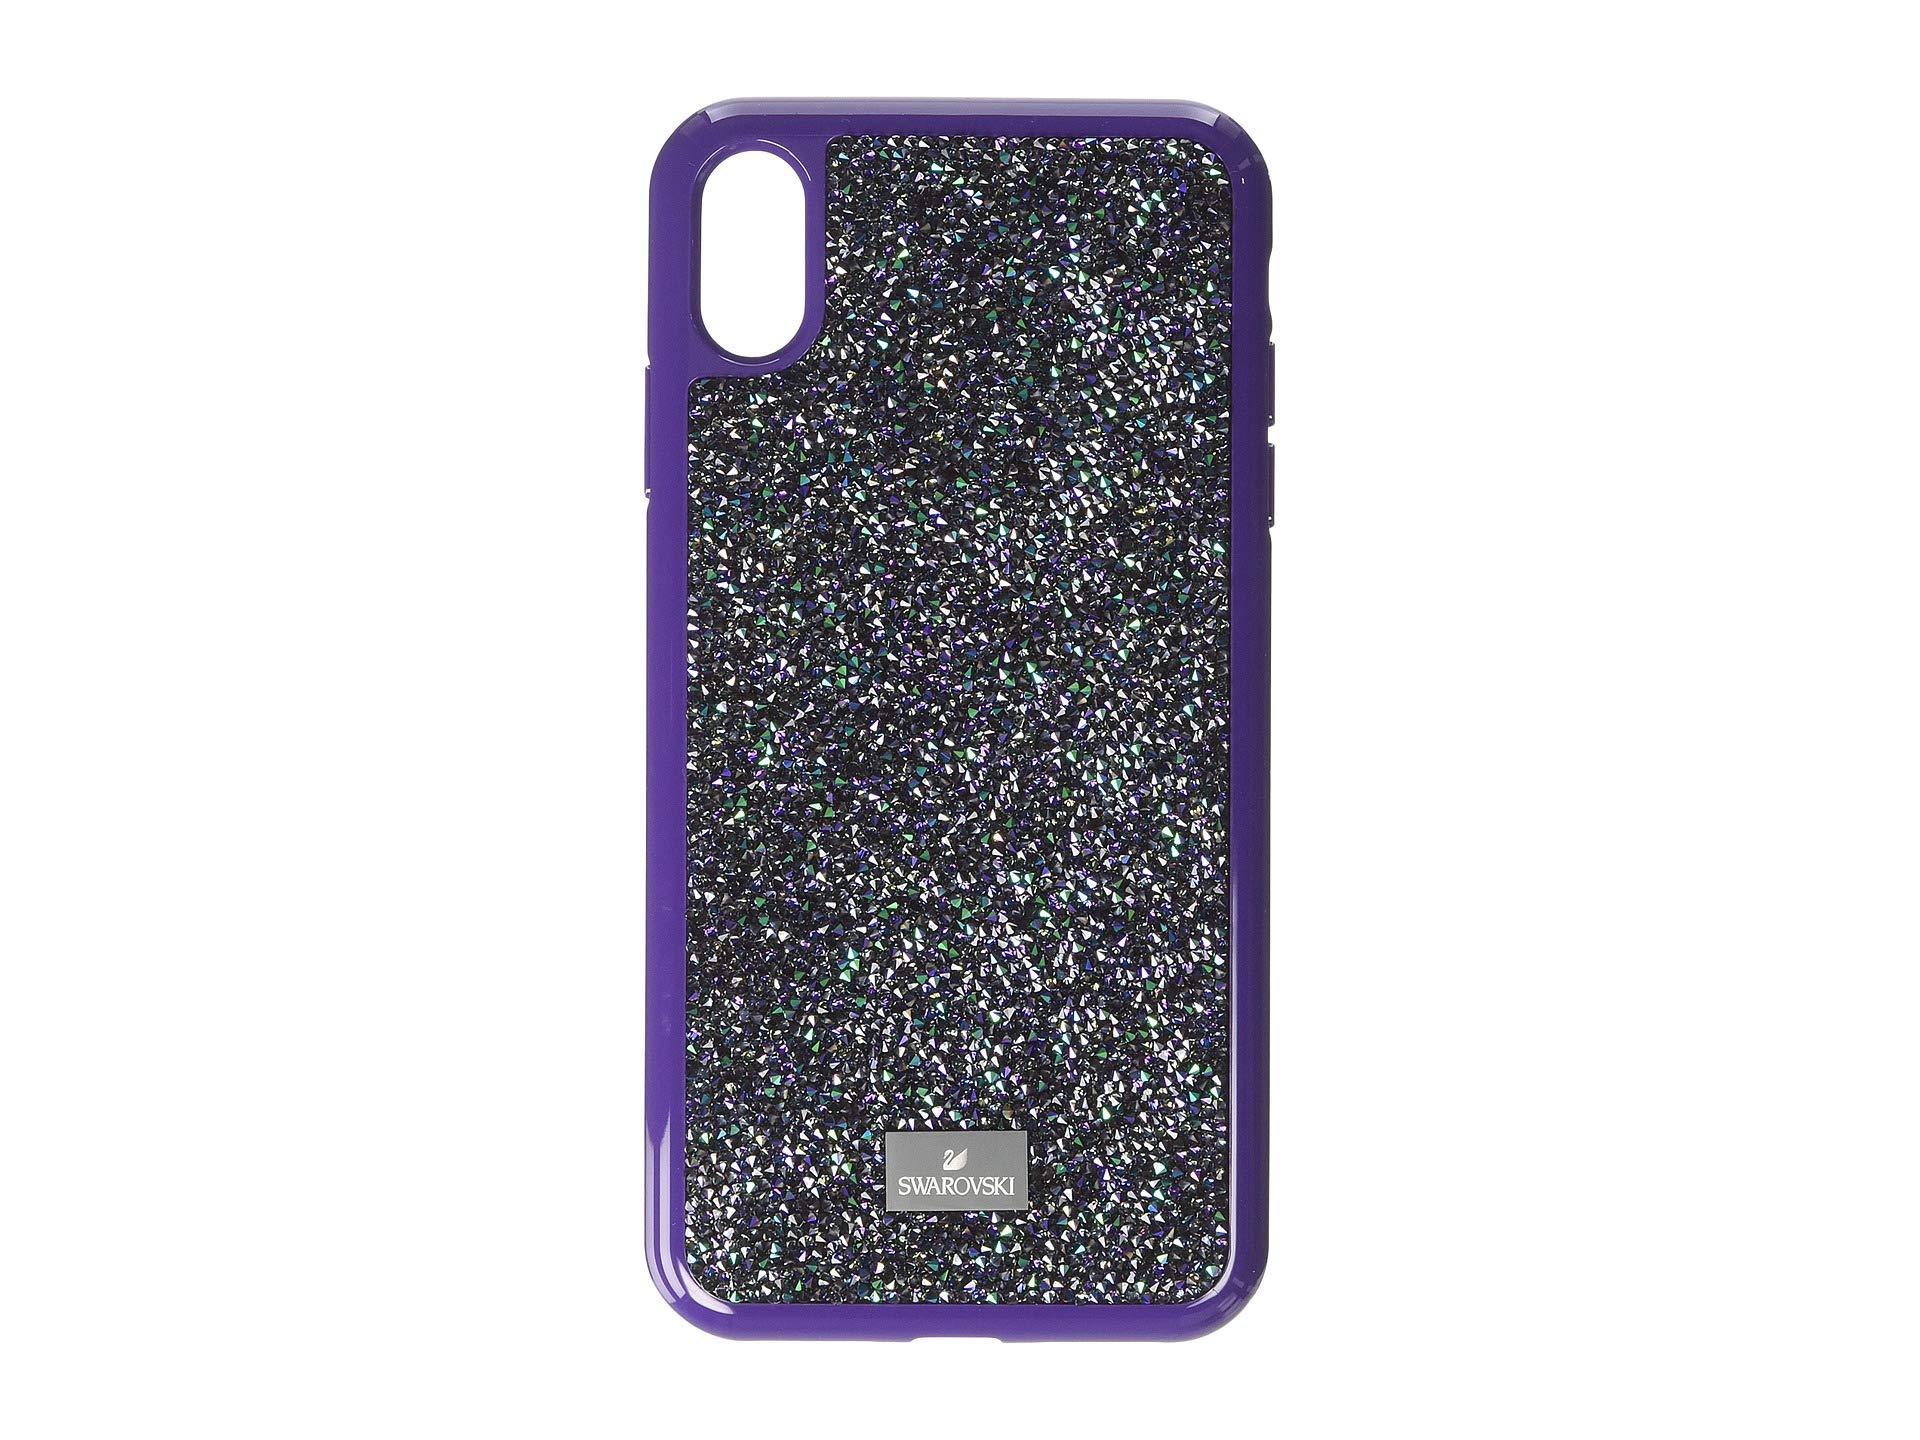 beb2dc56bbcd6e Lyst - Swarovski Glam Rock Smartphone Case With Bumper